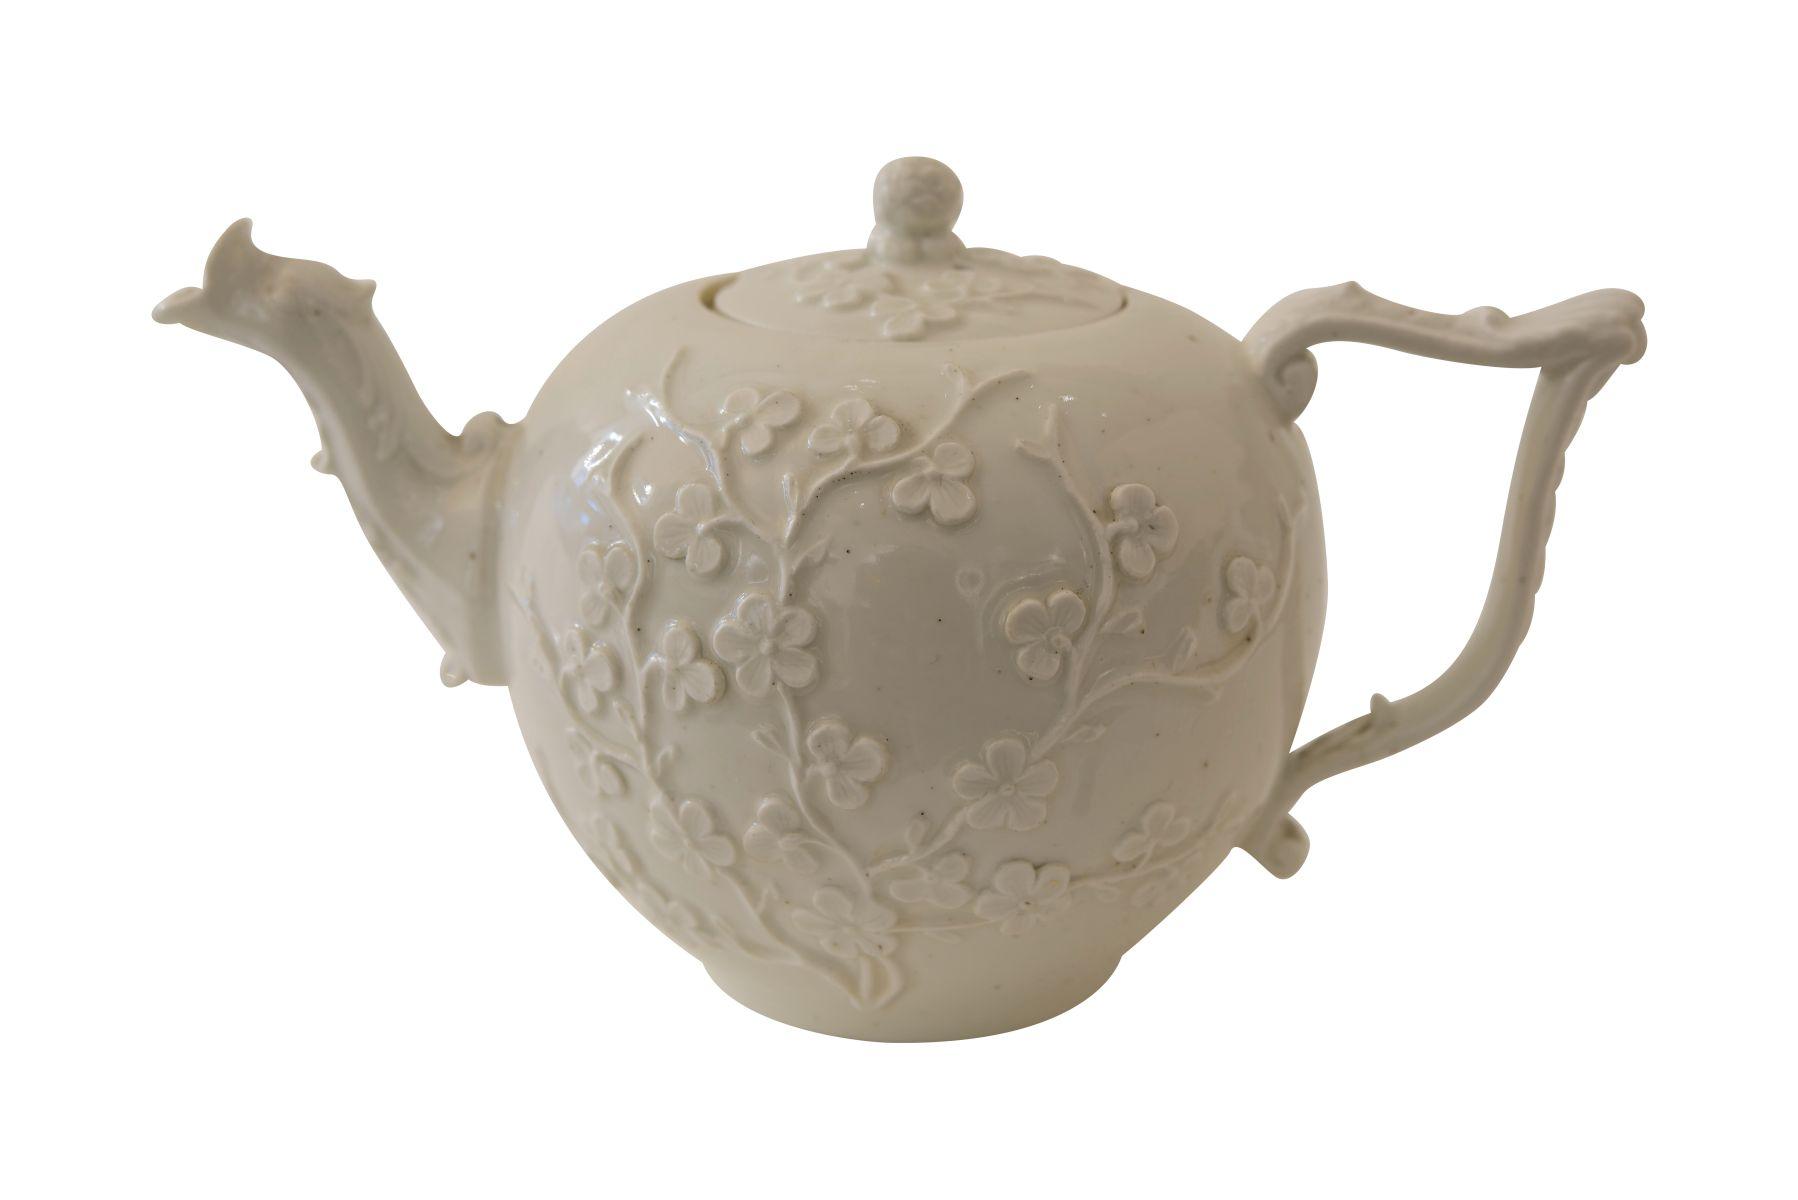 25 teiliges Kaffee- und Teeservice Meissen 18. Jahrhundert - Bild 11 aus 16